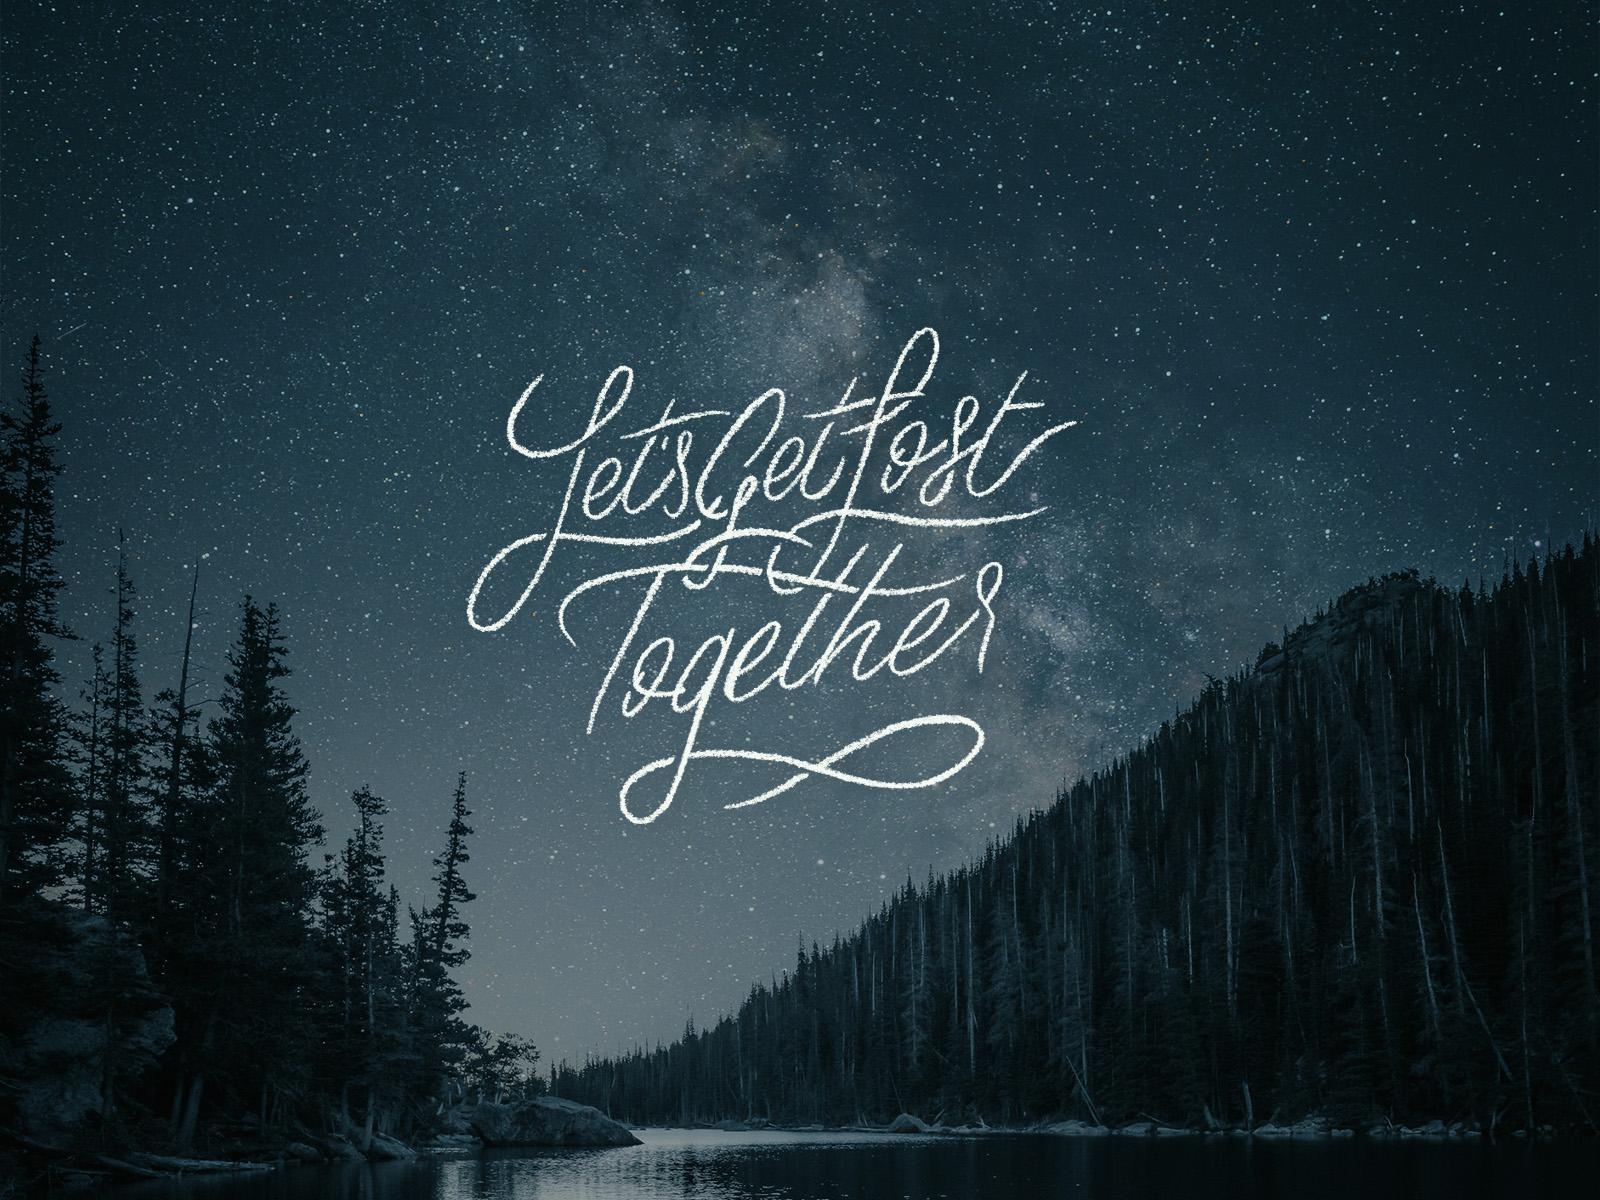 Let's Get Lost Together Lettering